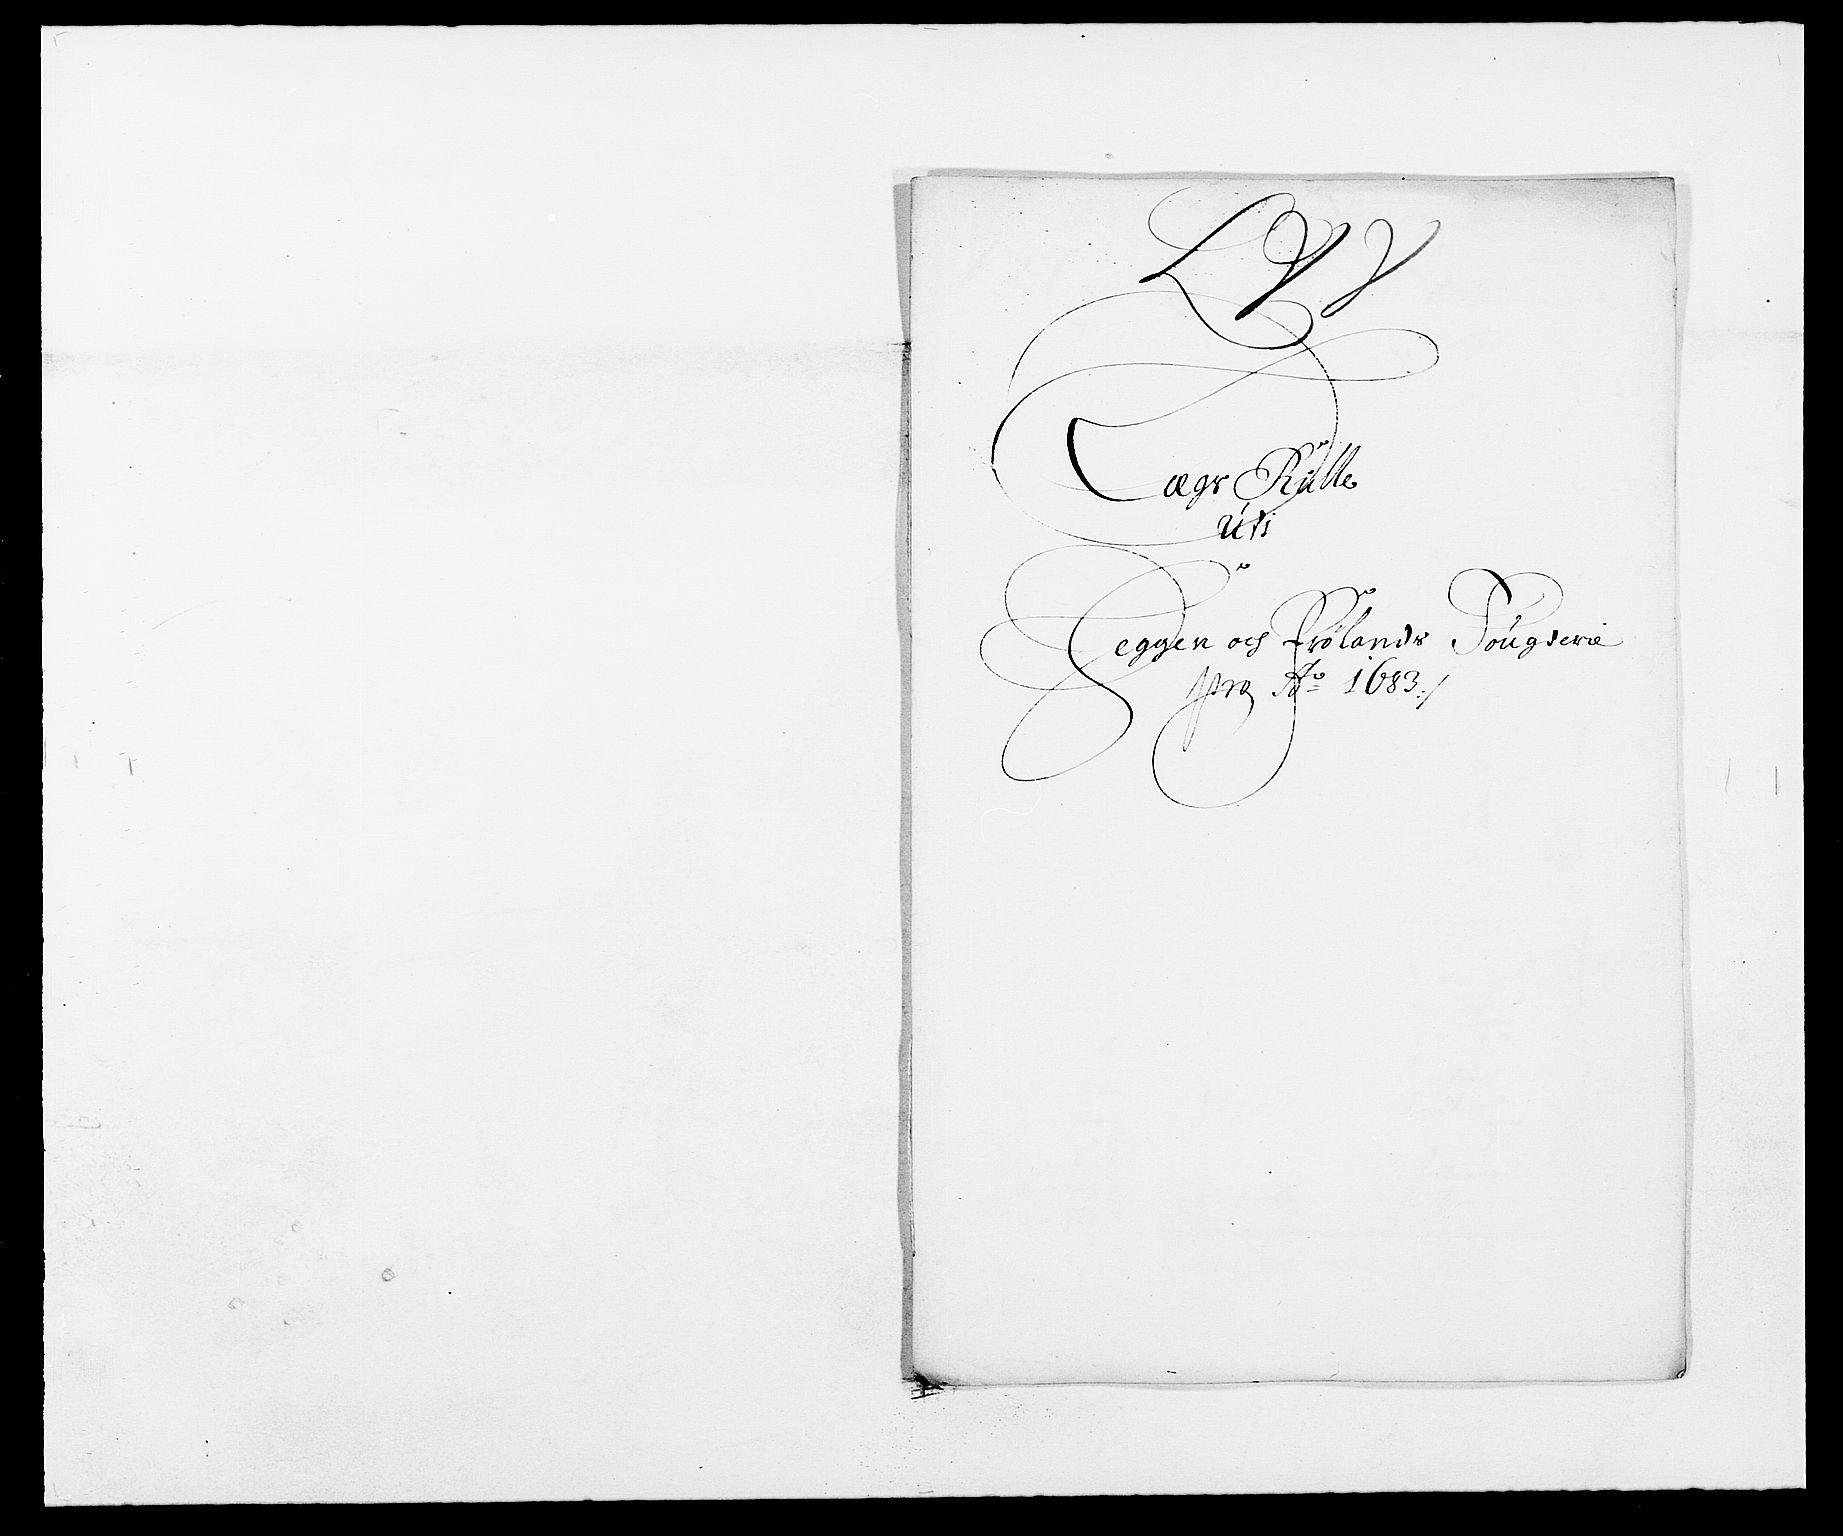 RA, Rentekammeret inntil 1814, Reviderte regnskaper, Fogderegnskap, R06/L0280: Fogderegnskap Heggen og Frøland, 1681-1684, s. 393